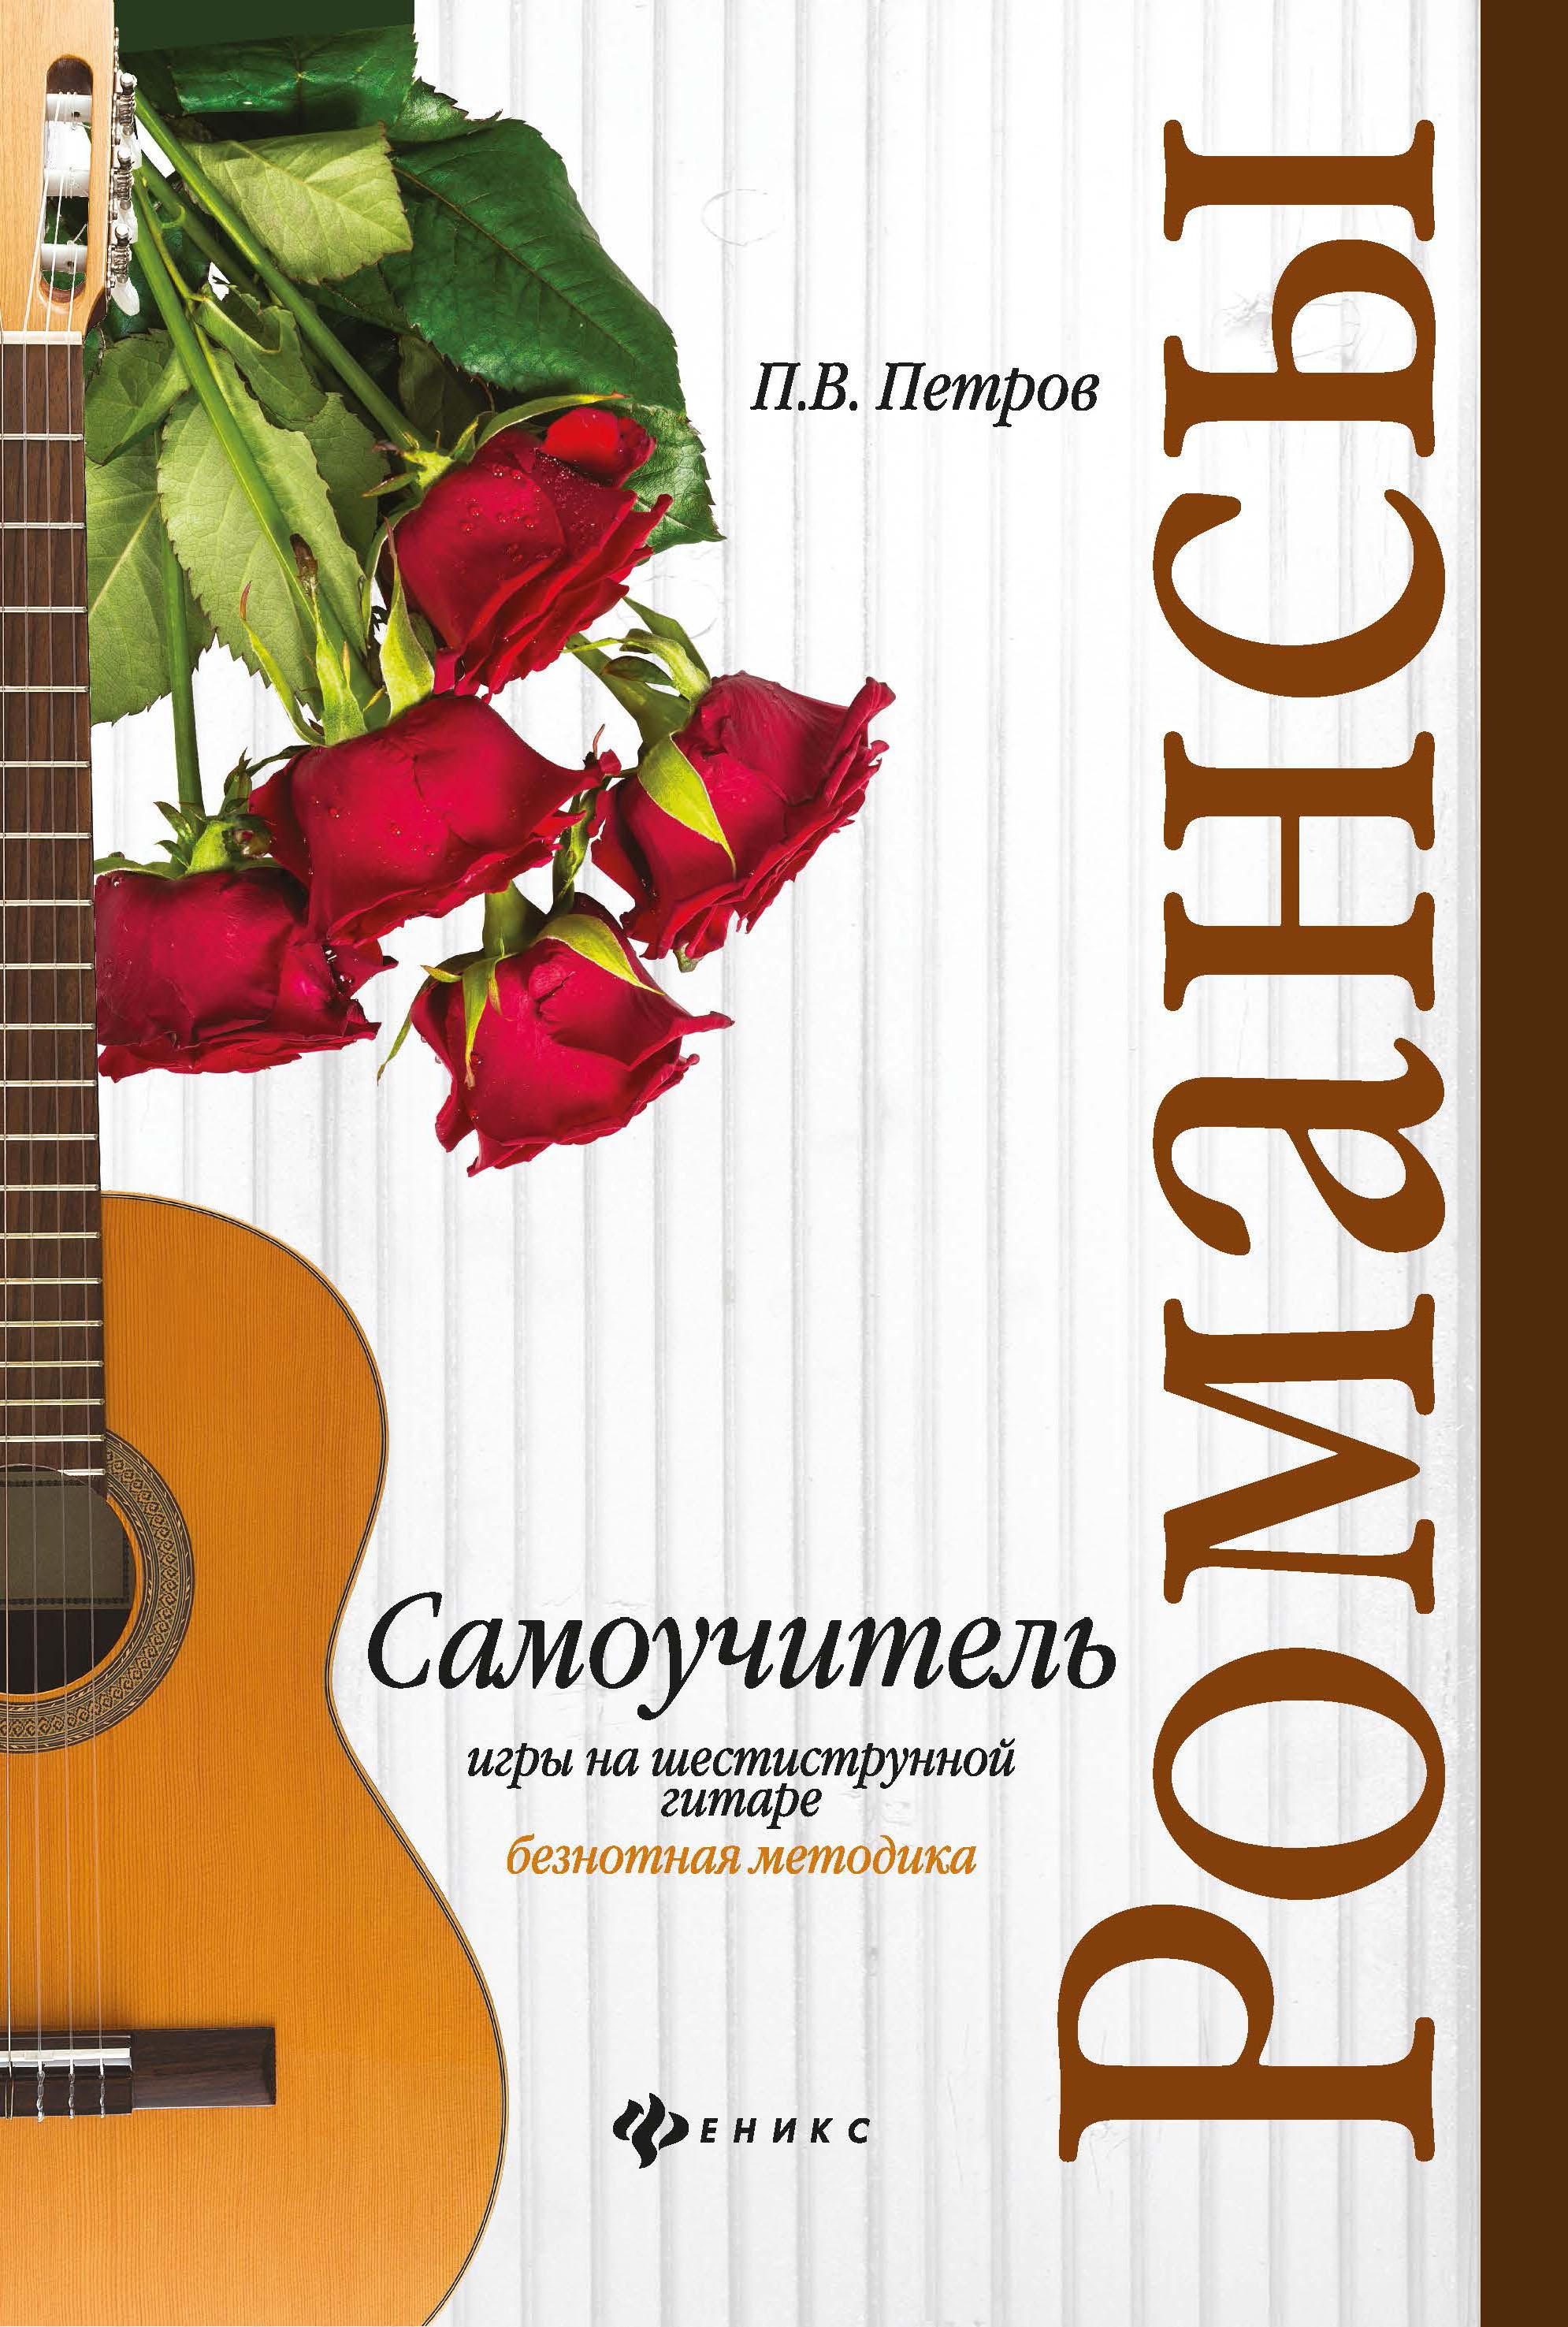 Самоучитель игры на шестиструнной гитаре: Романсы: Безнотная методика